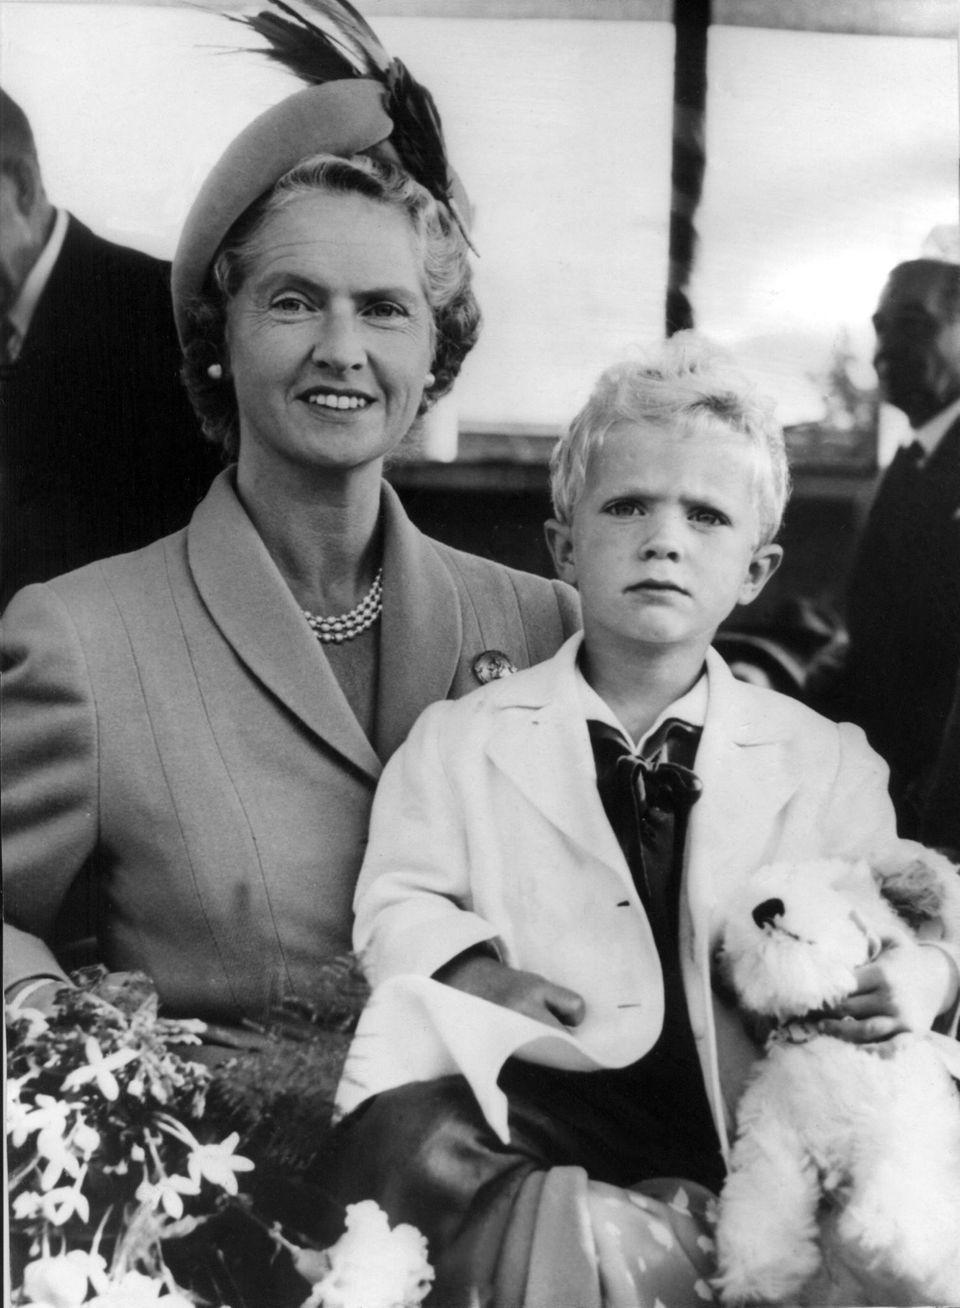 Sibylla Prinzessin von Sachsen-Coburg und Gotha mit ihrem Sohn Prinz Carl Gustaf